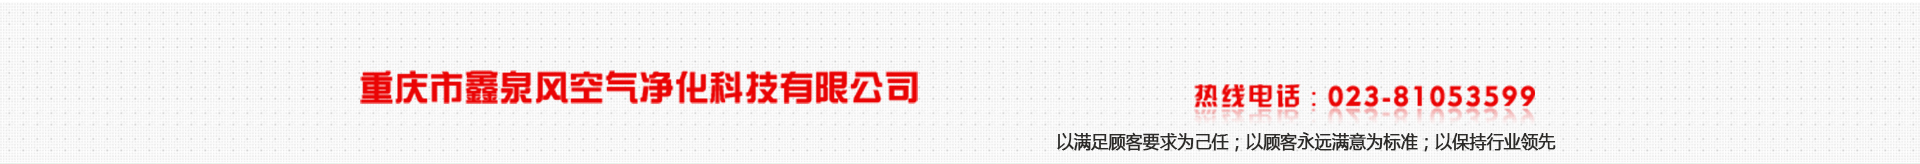 重庆鑫泉风净化科技有限公司